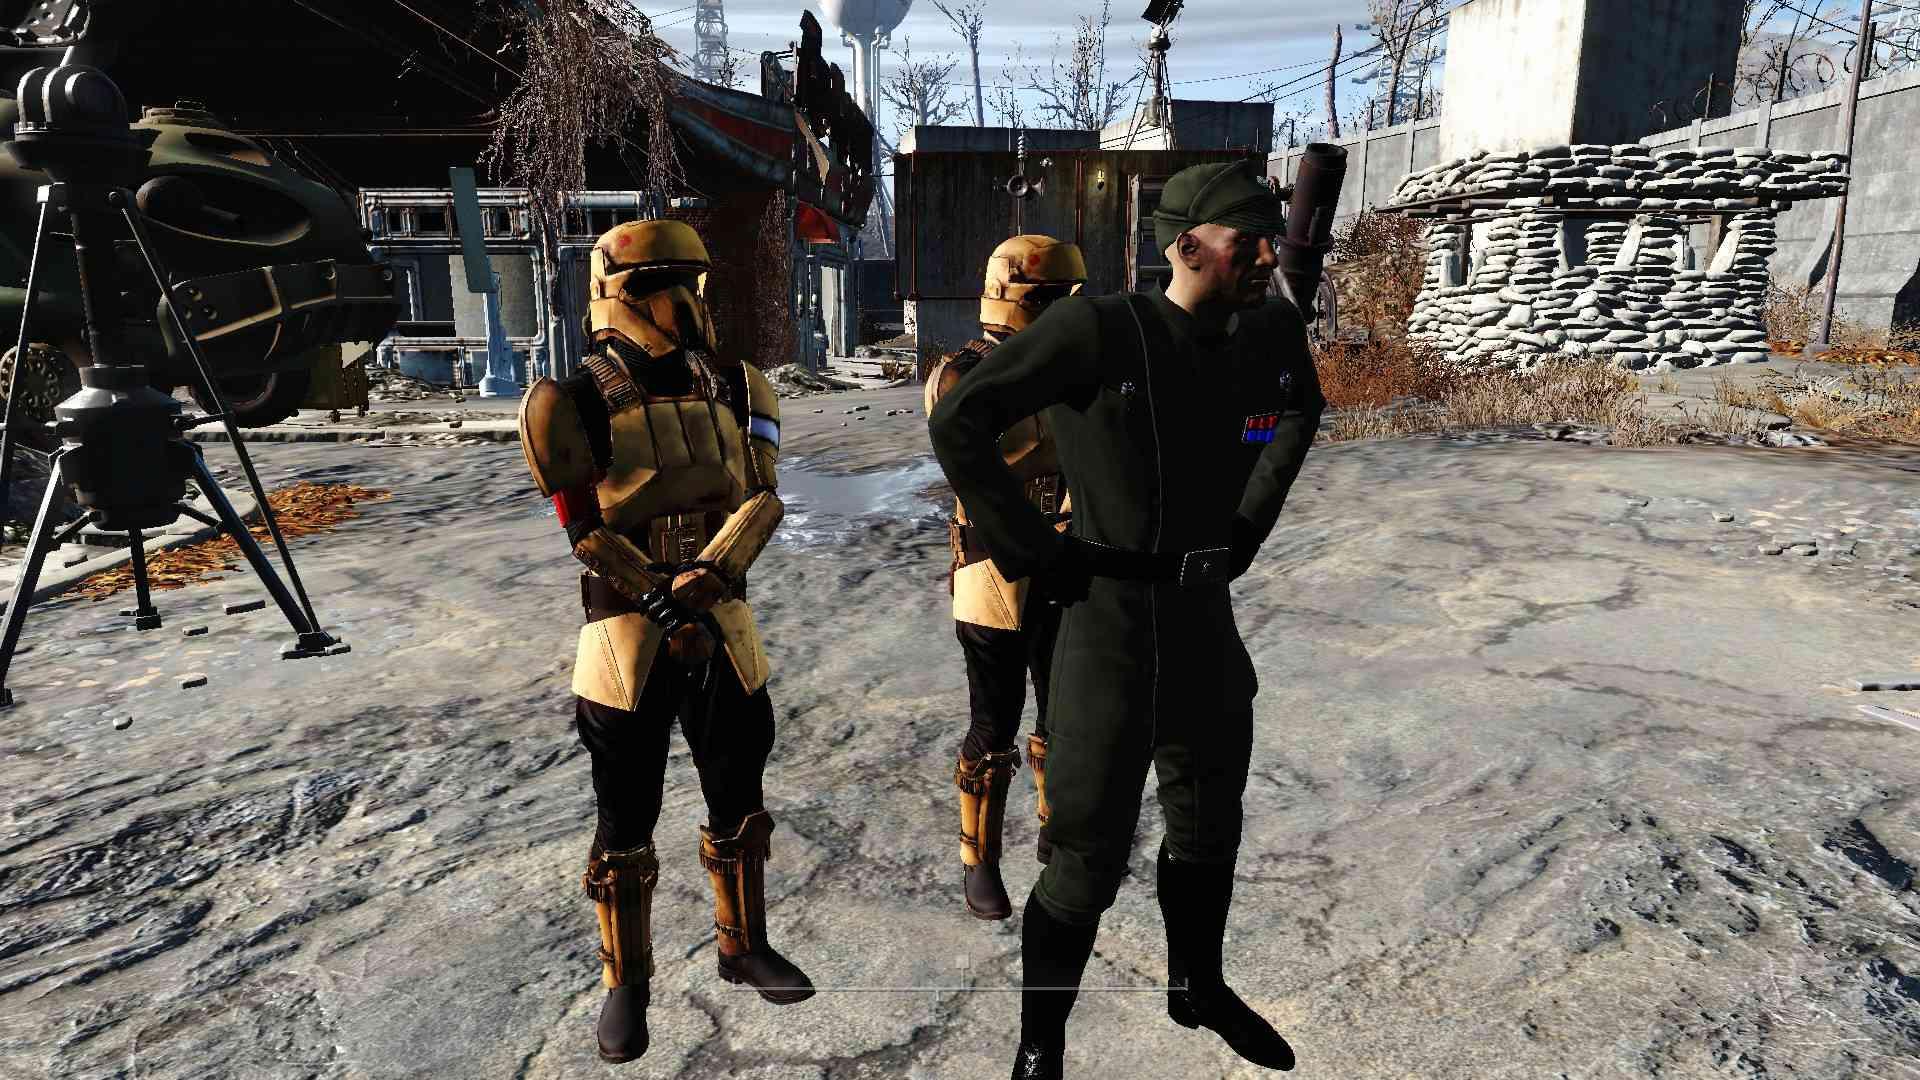 [Información] Rogue One en Fallout 4 20170115